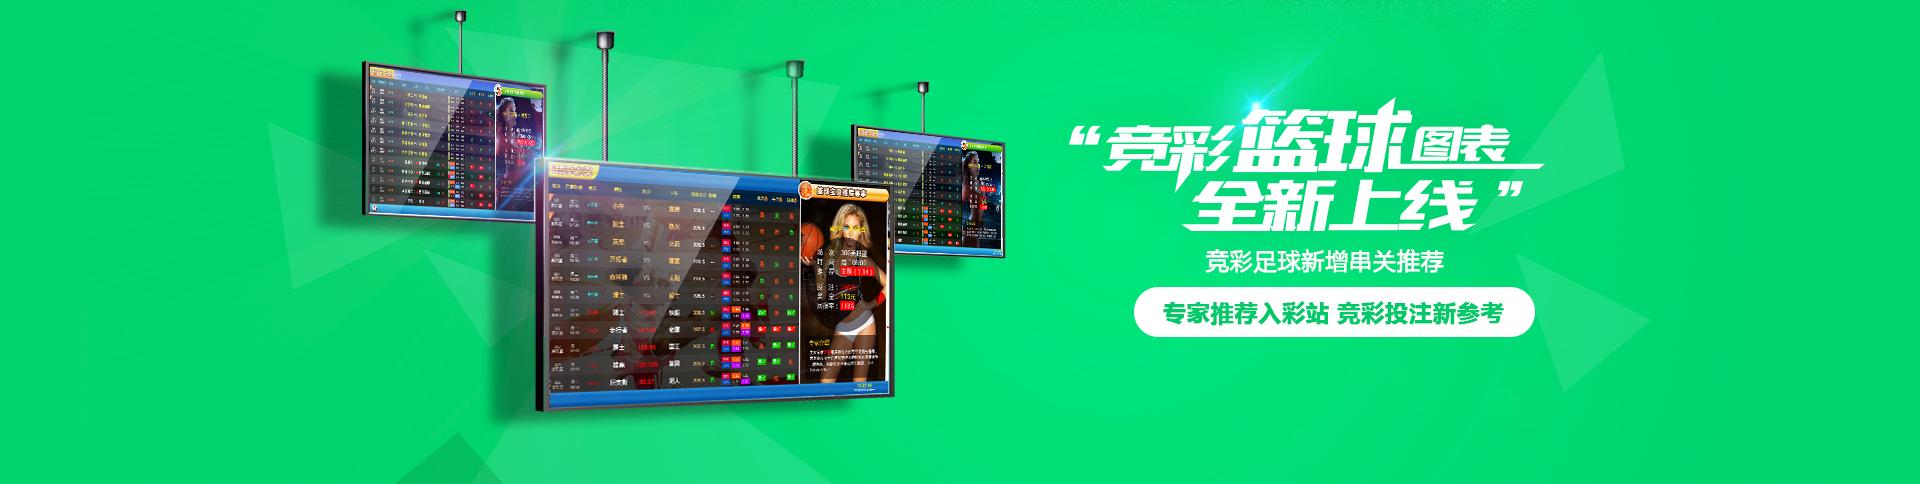 百宝彩竞彩多媒体篮球图表全新上线